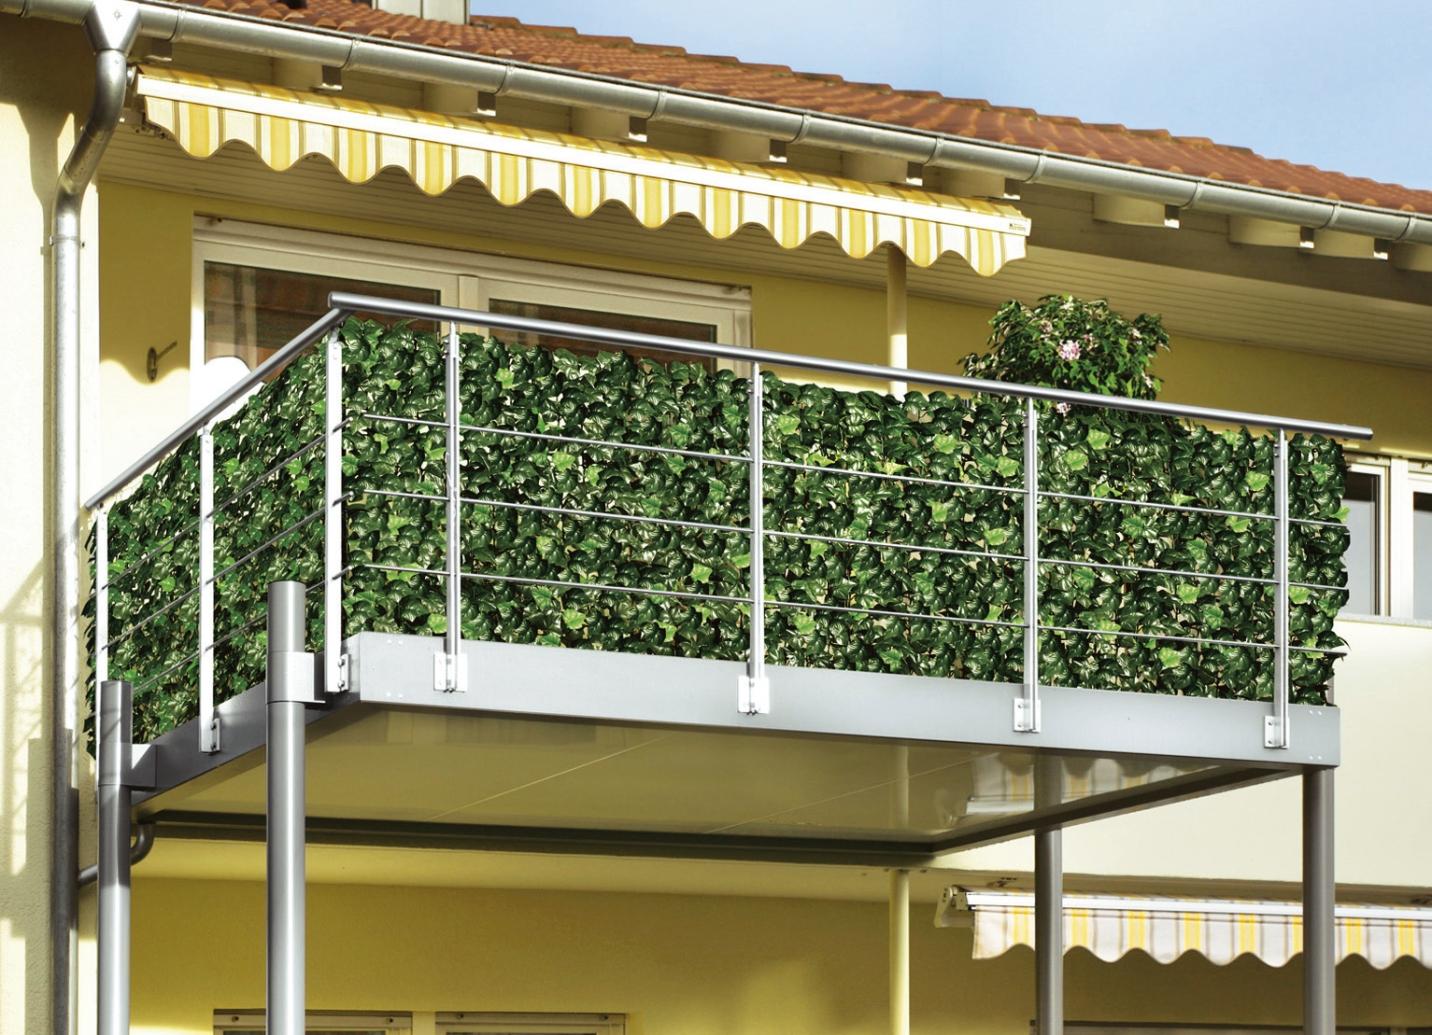 Sonnenschutz Sichtschutz Fr Den Balkon Inspiration über Zuhause